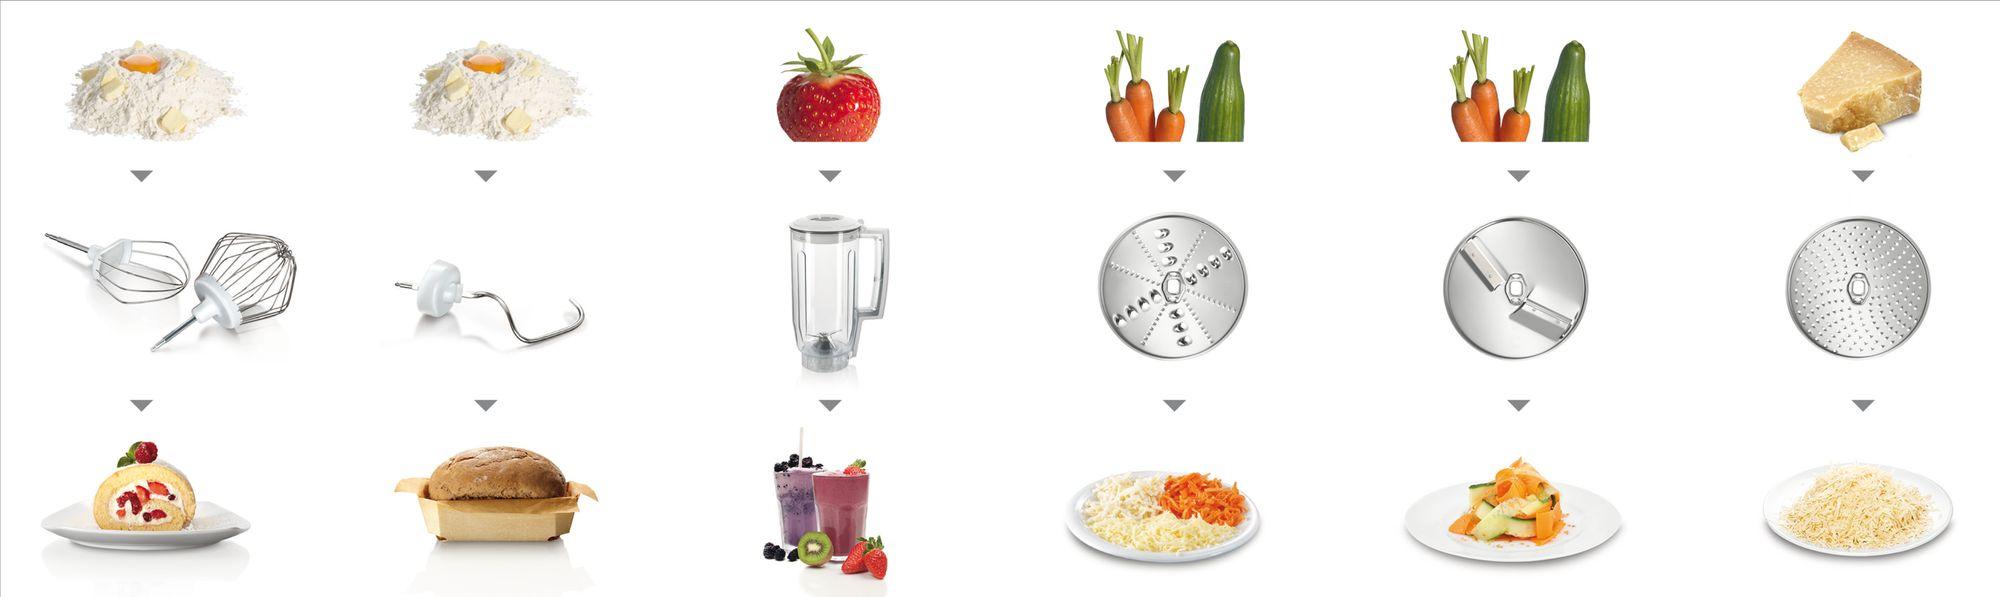 Bosch Universal Küchenmaschine 2021